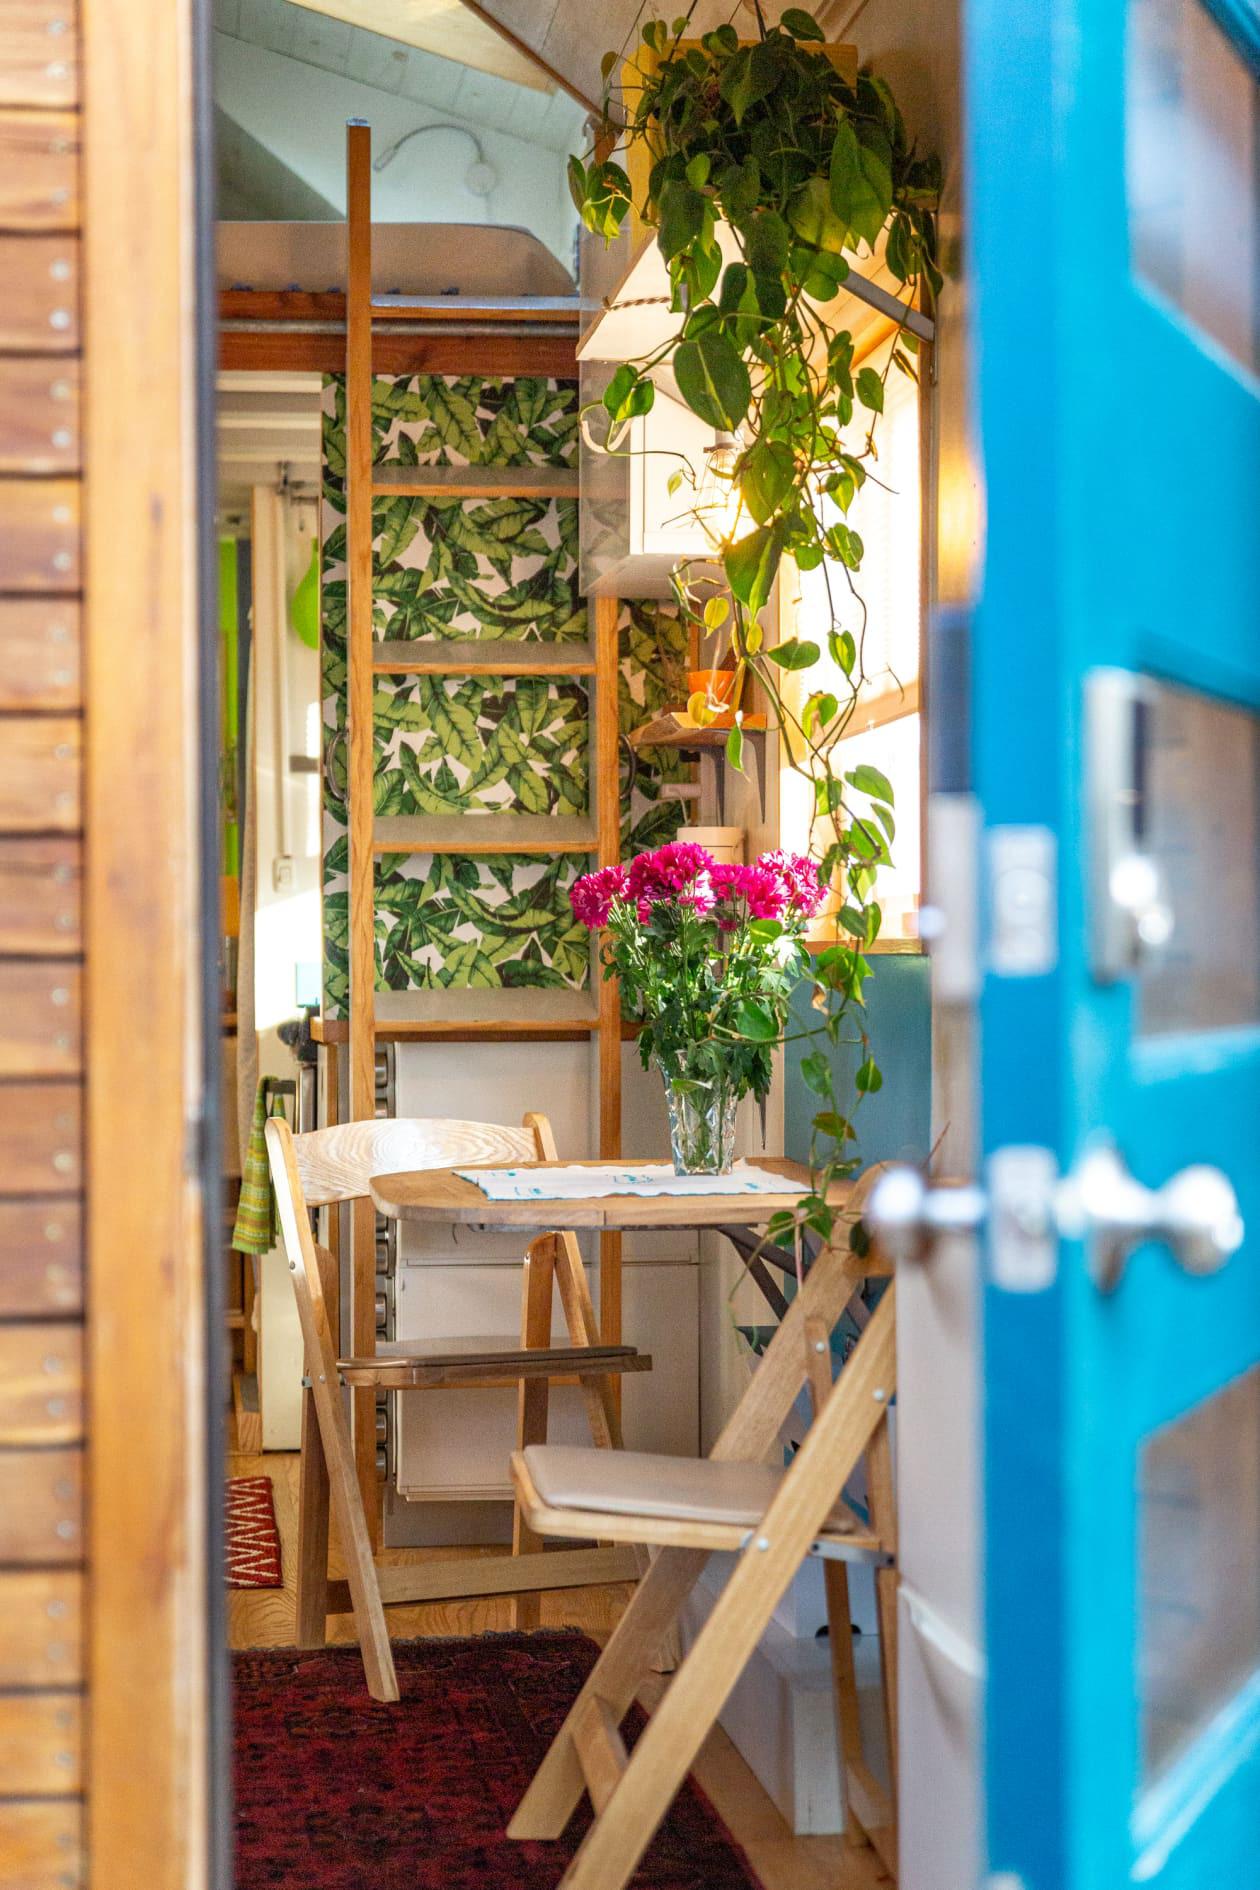 Thiết kế nhà nhỏ 44m2 theo phong cách Scandinavia, màu sắc tươi sáng lấy cảm hứng từ nghệ thuật truyền thống Mexico, dệt may, và gốm sứ tuyệt đẹp - Ảnh 1.